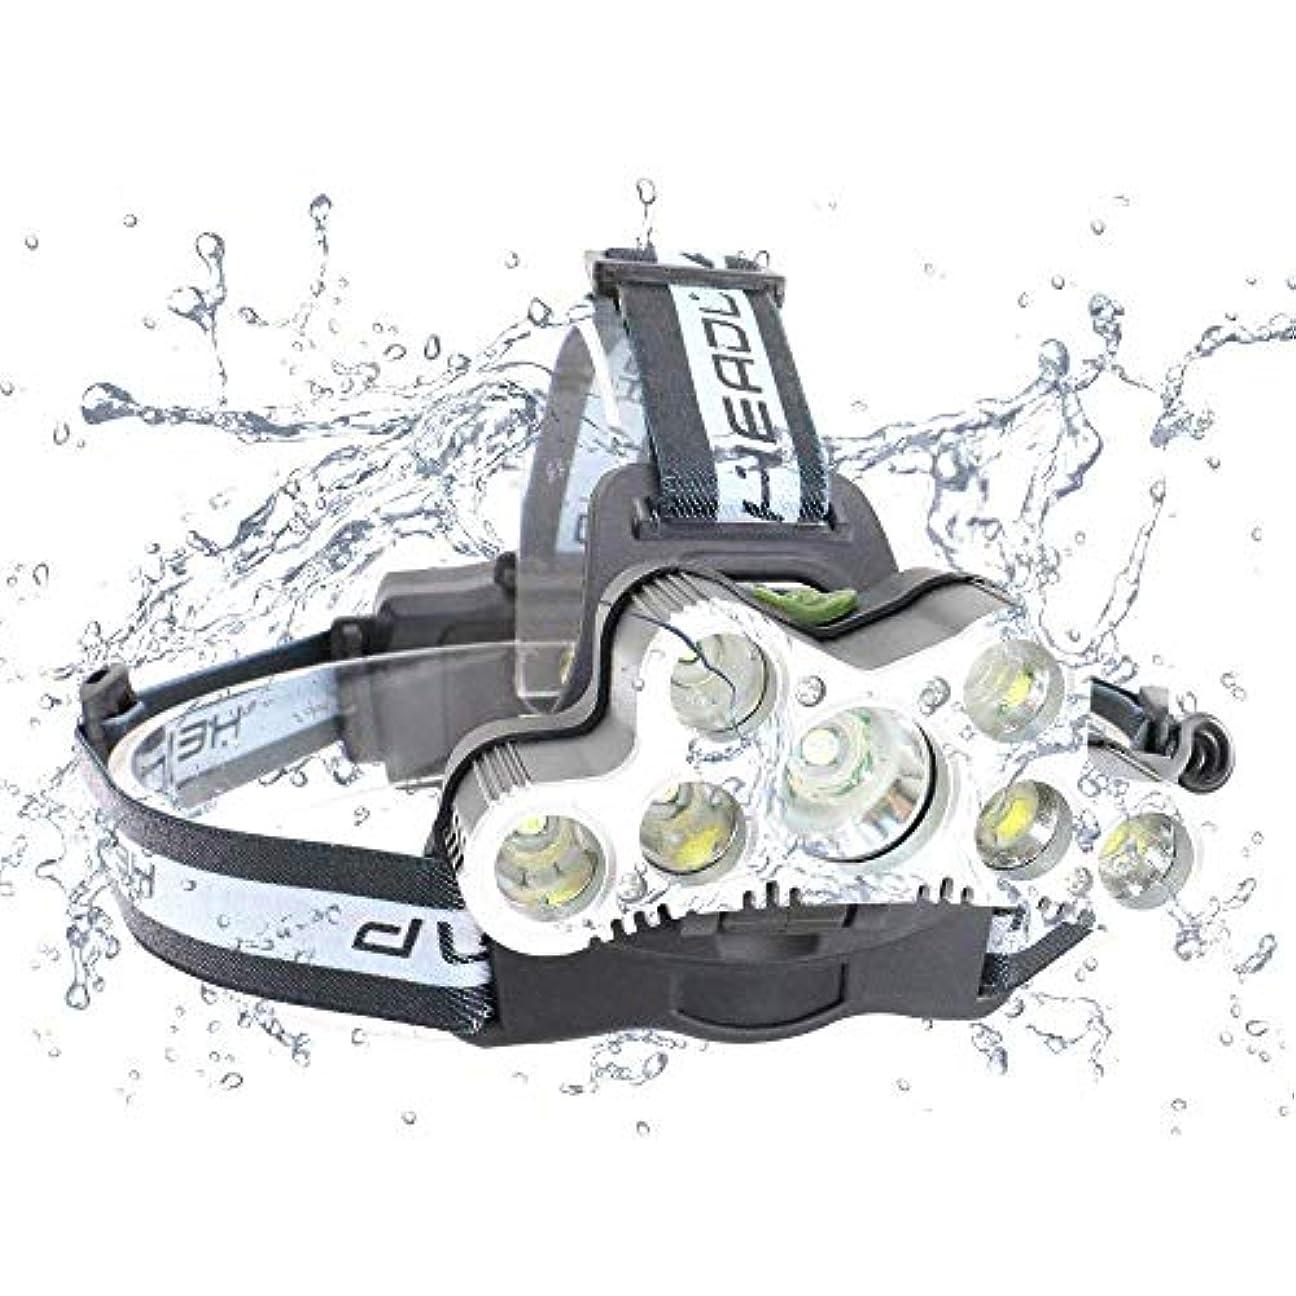 足音蒸発する憎しみMUTANG 屋外モードT6LED強力なヘッドライト6モード、スーパー明るい6000ルーメン充電式7 7ランプヘッドハイパワーマイナーランプクライミングサイクリング釣りハイキングキャンプ